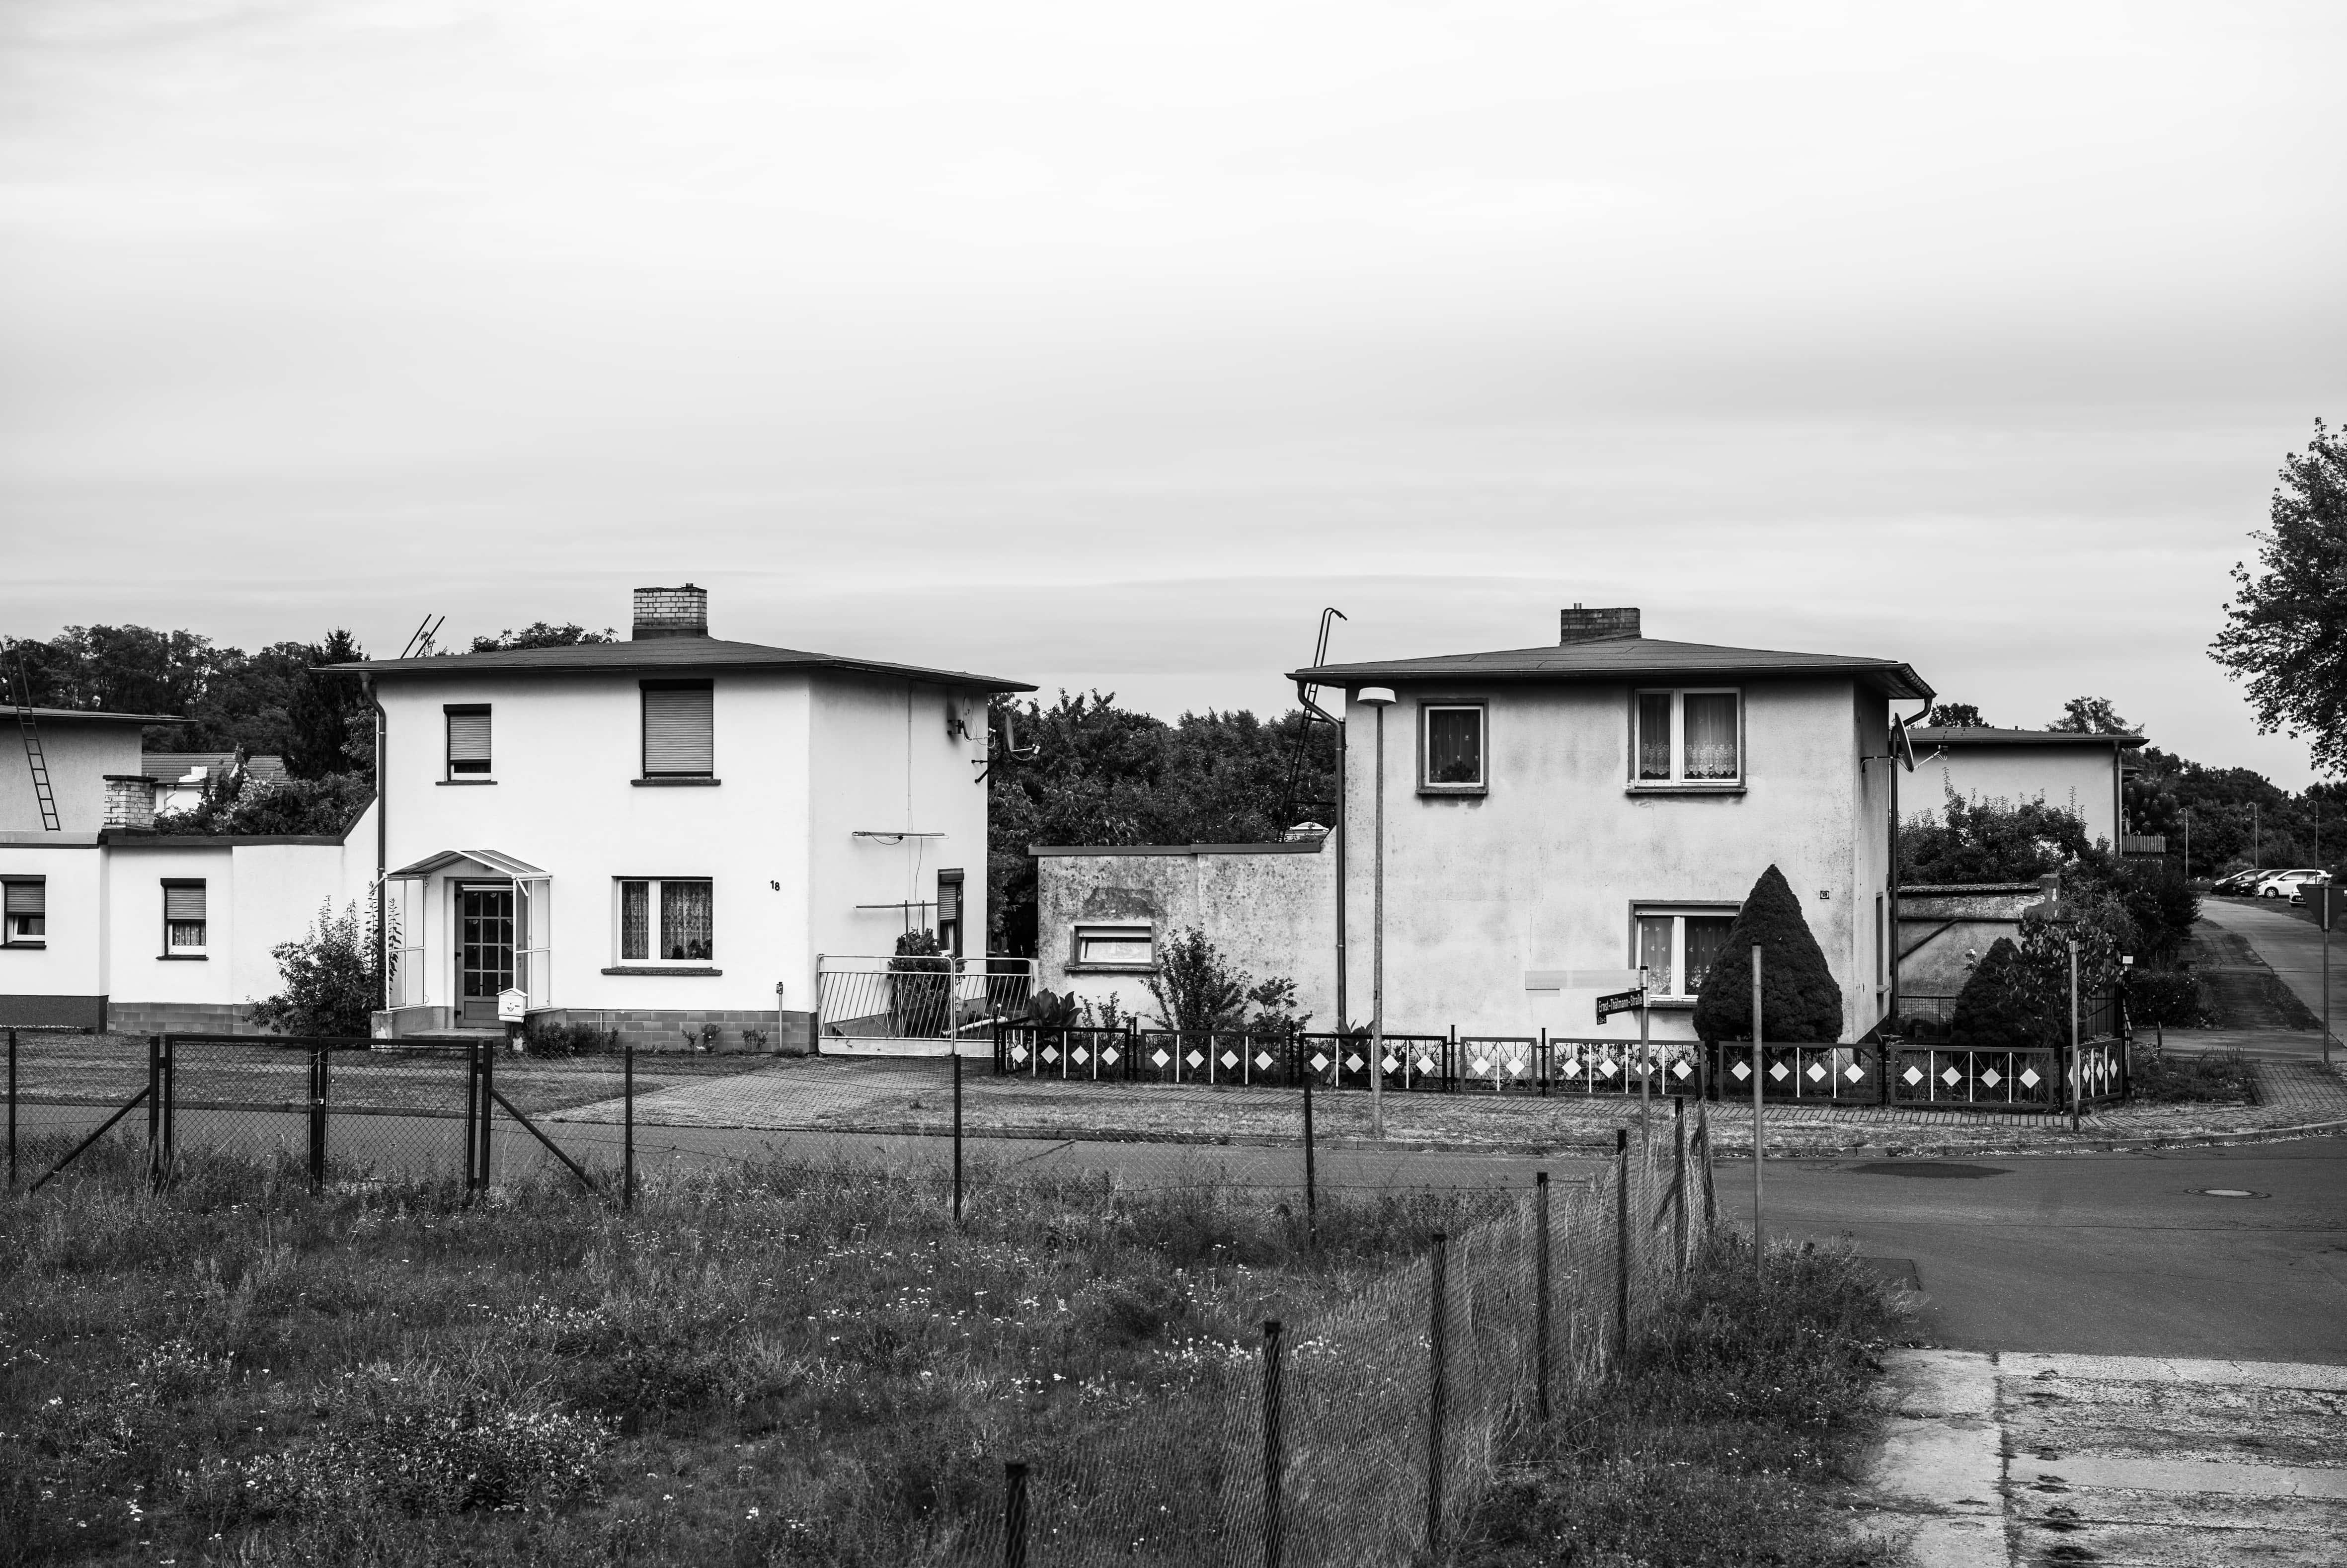 Kraftwerkssiedlung mit Pyramidendächer in Brieskow-Finkenheerd